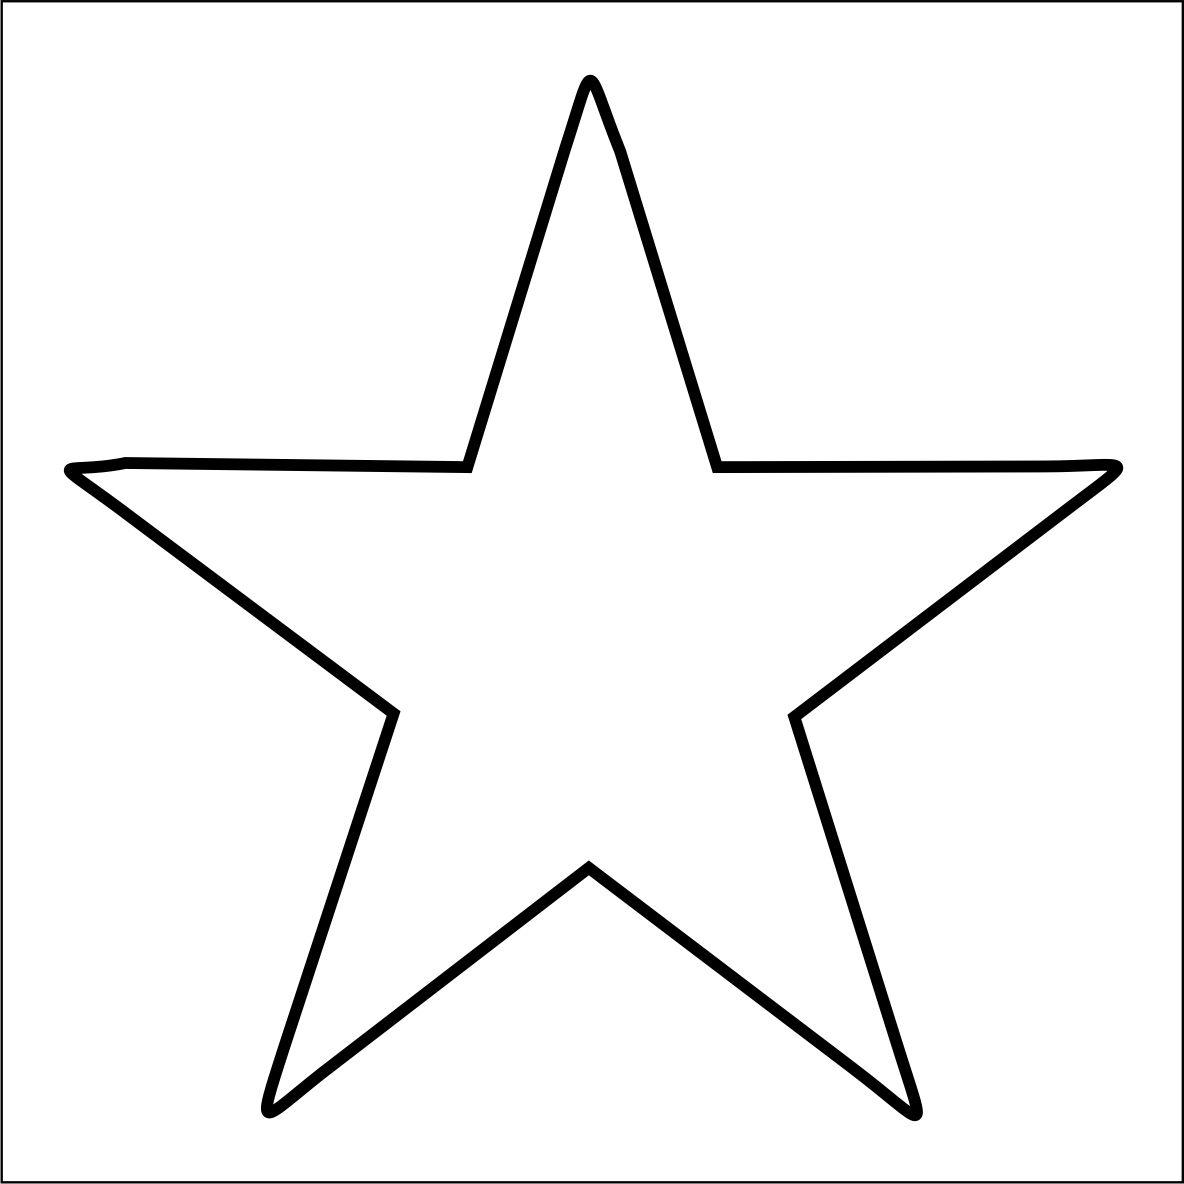 Imagenes De Estrellas Para Colorear  New Calendar ...